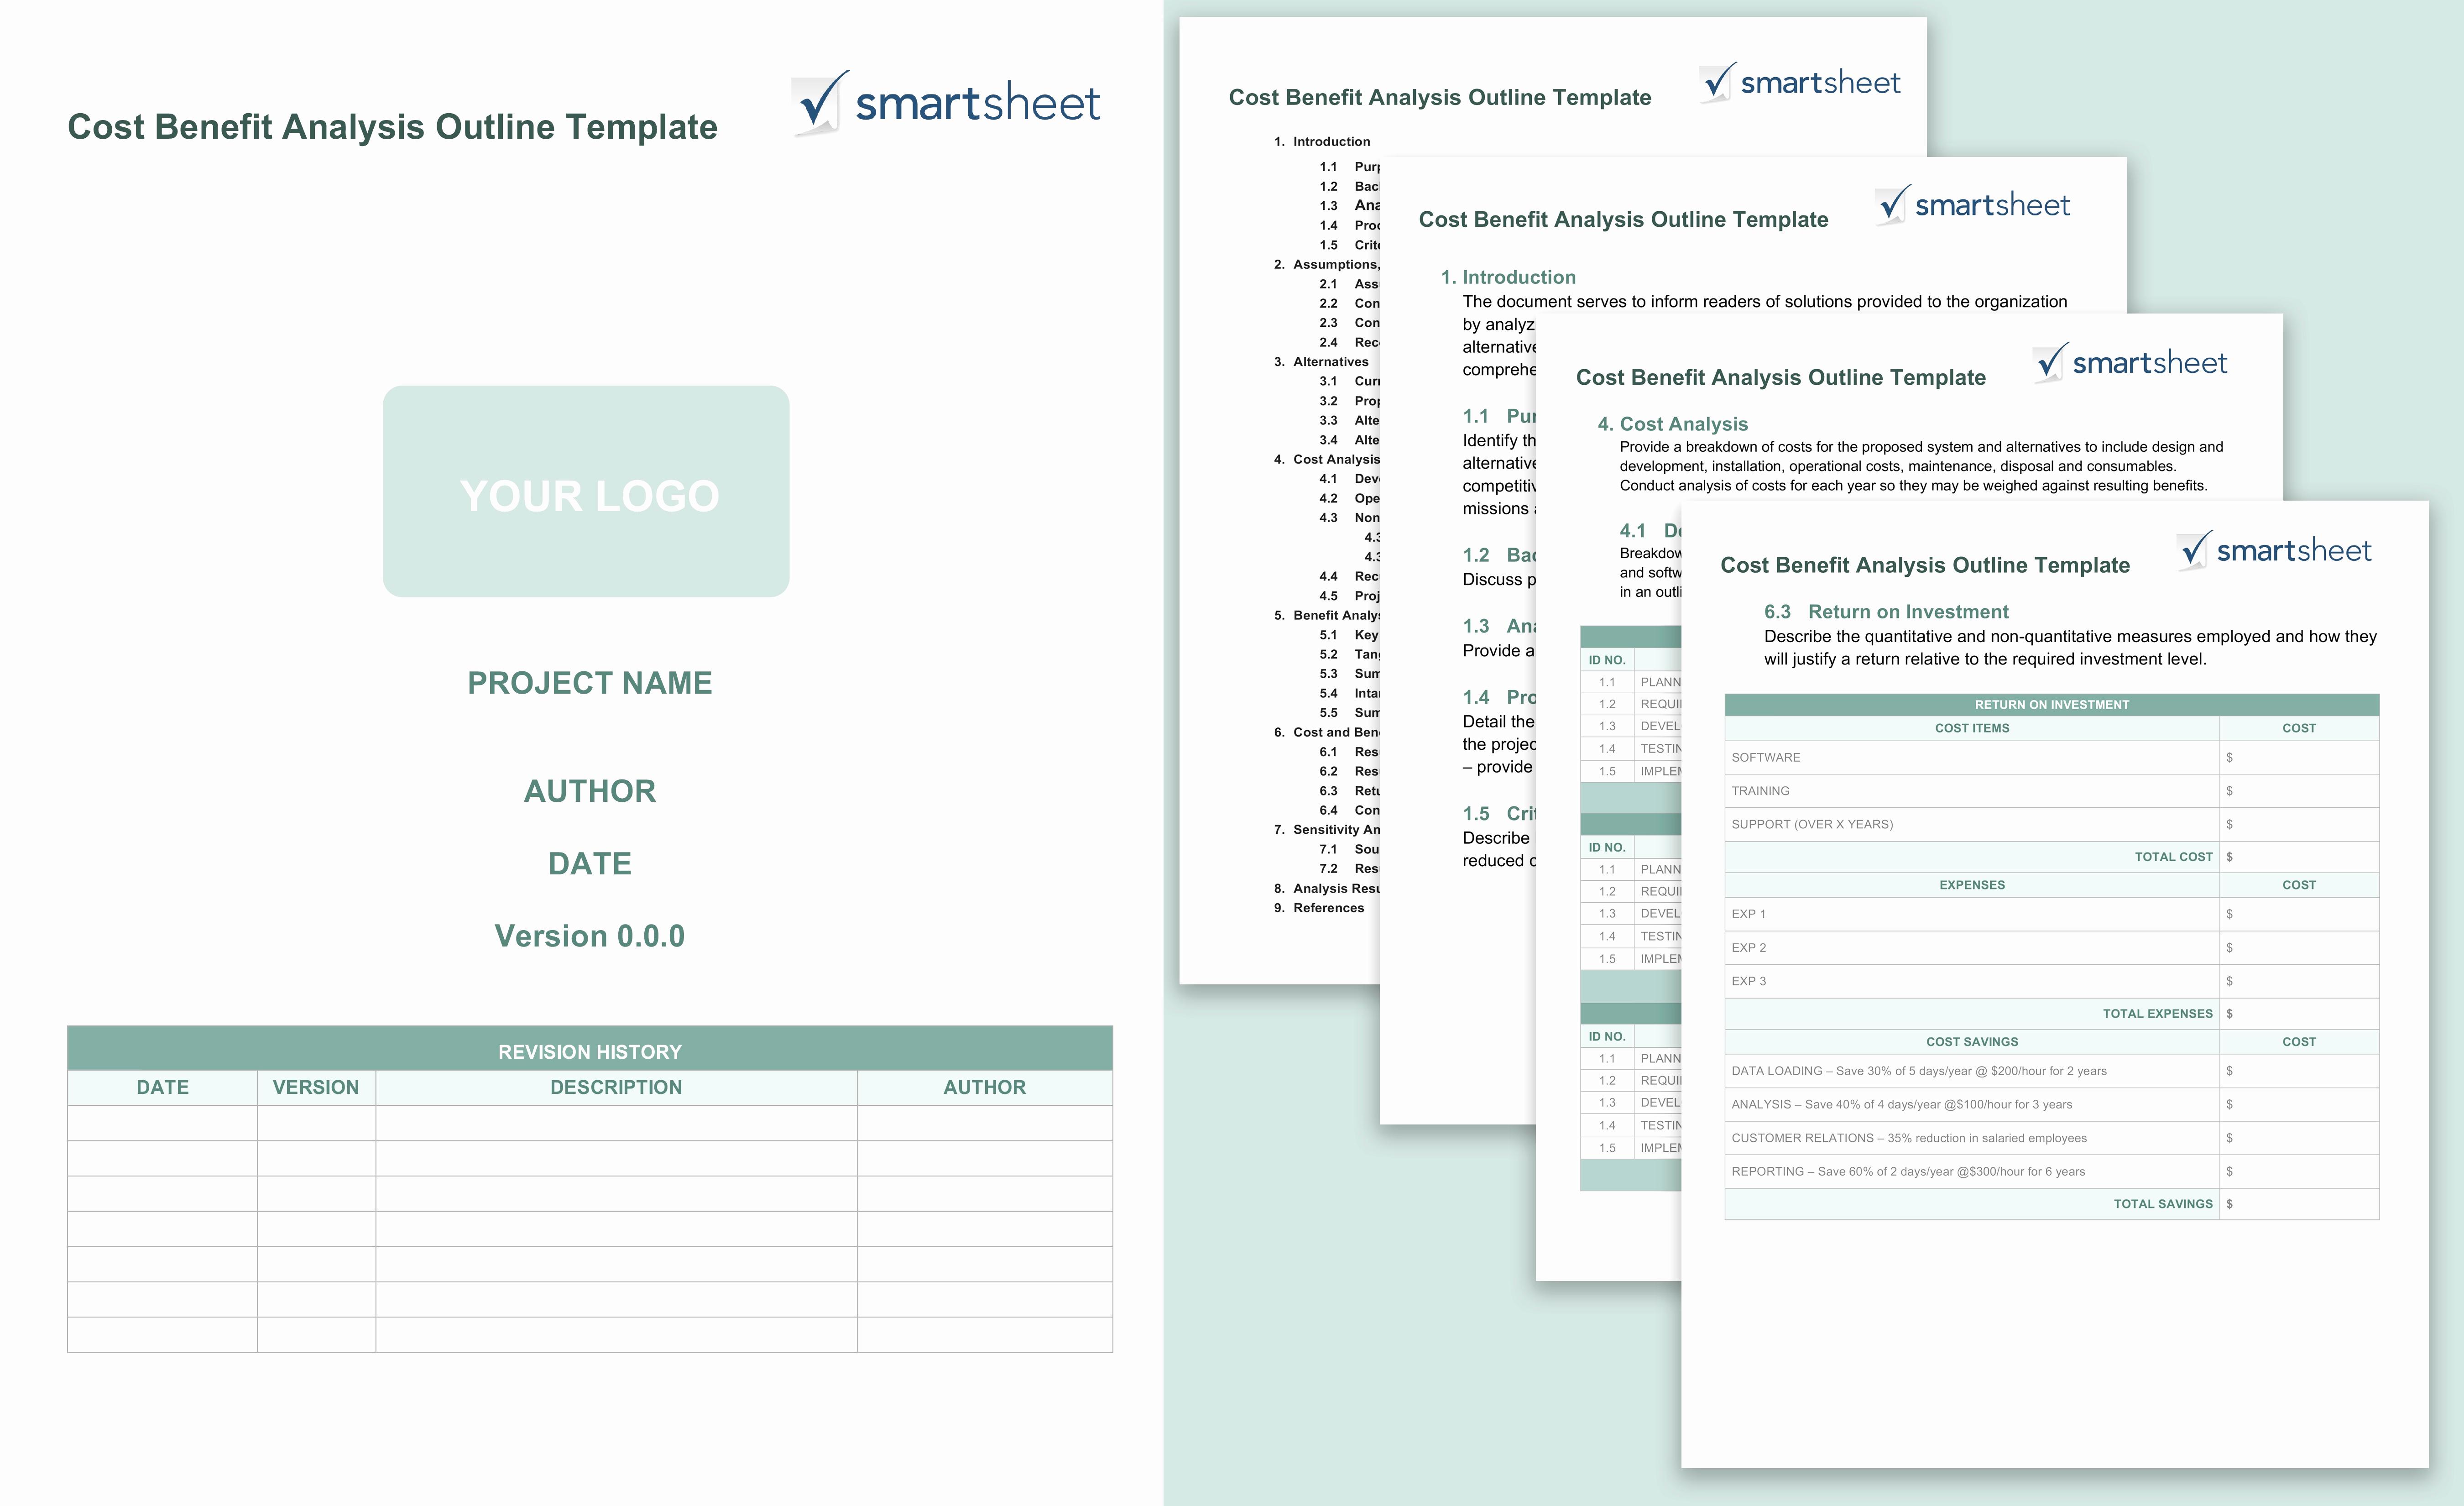 Rent Vs Buy Spreadsheet Regarding Slope Stability Analysis Spreadsheet Best Of Examples Rent Vs Buy